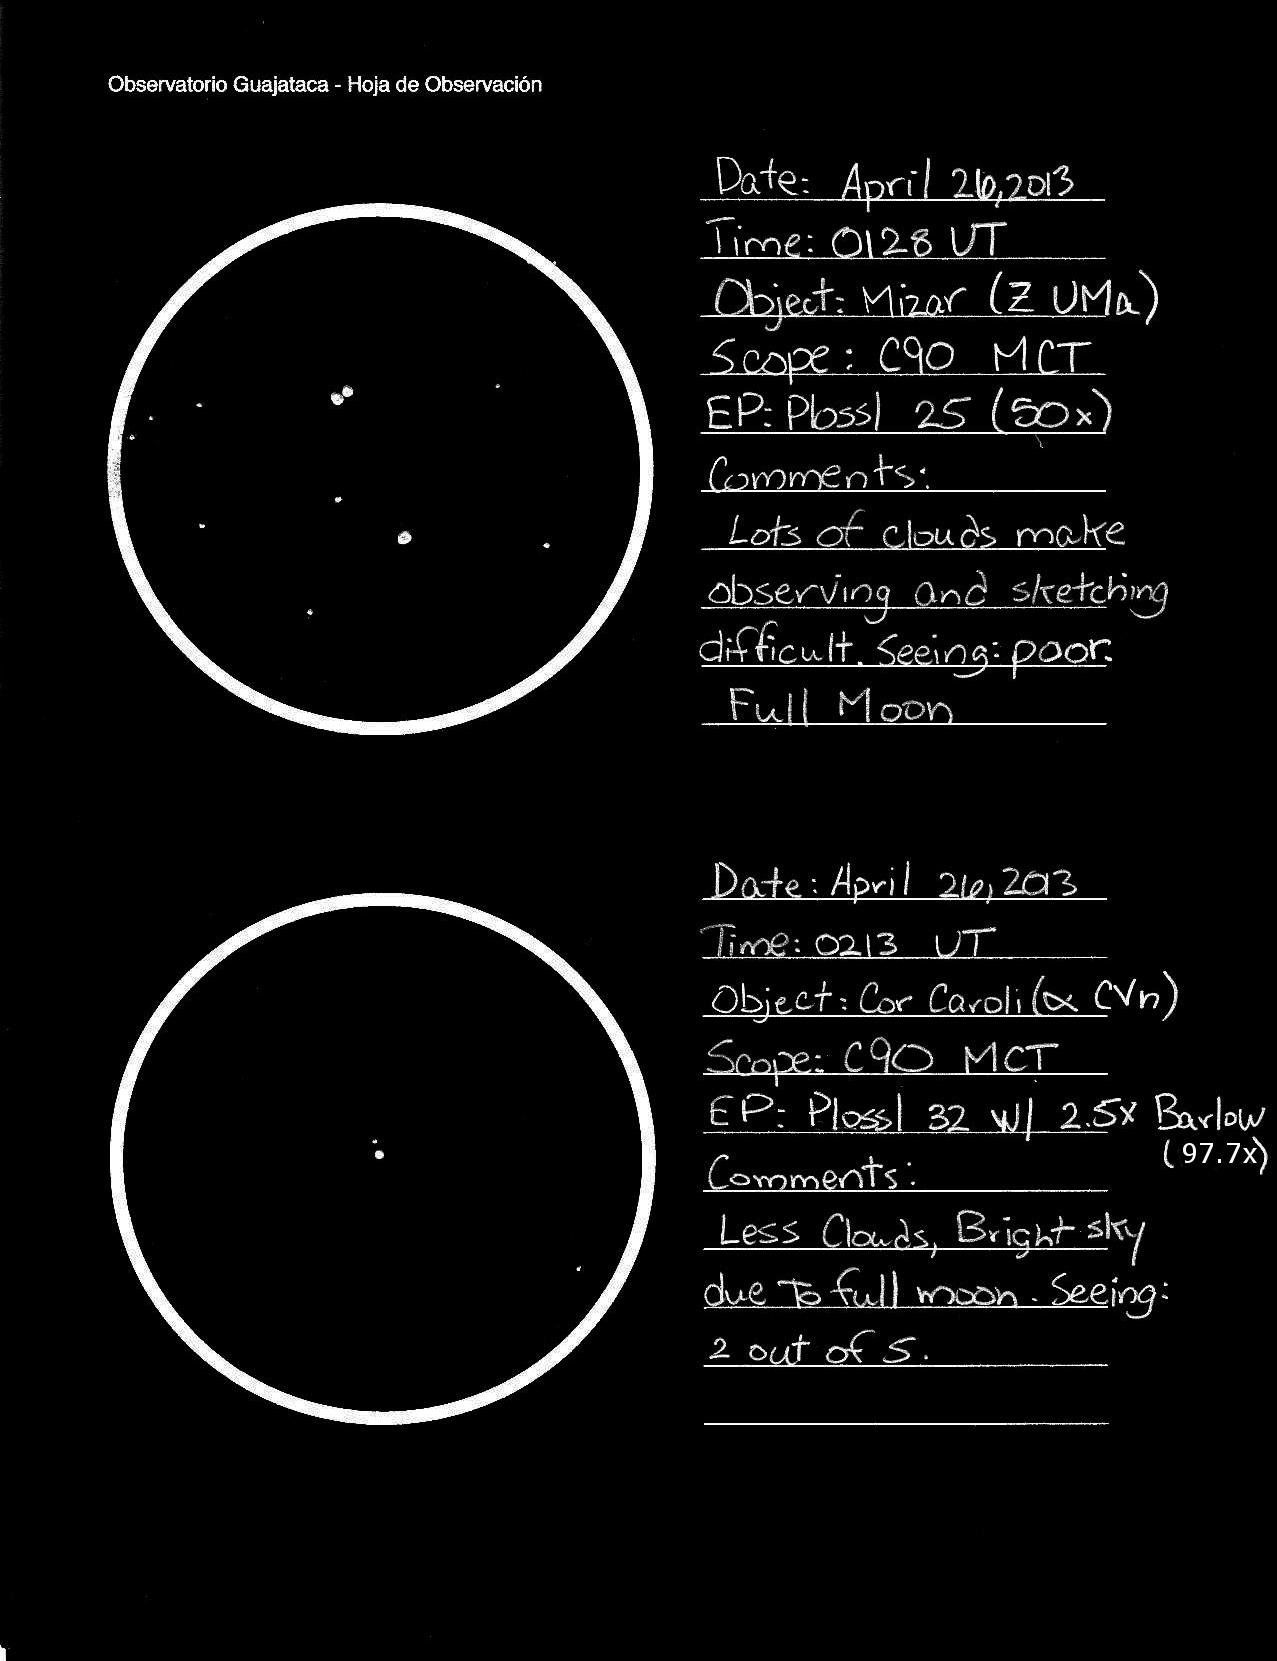 Observación de las estrellas dobles Mizar y Cor Caroli. (Crédito: Observatorio Guajataca)